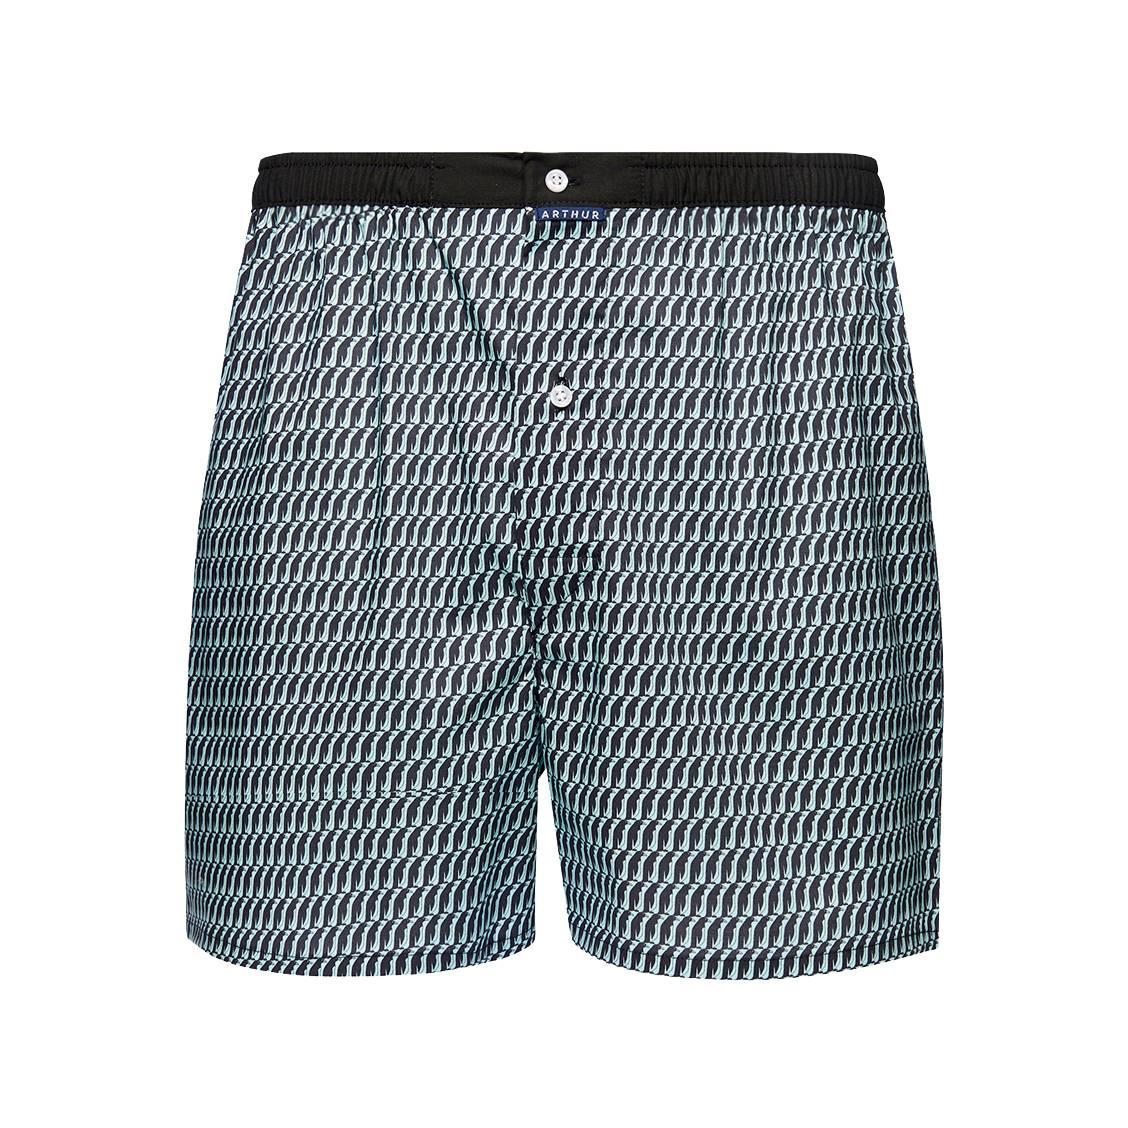 Caleçon  manchot en coton stretch bleu turquoise à imprimé manchot